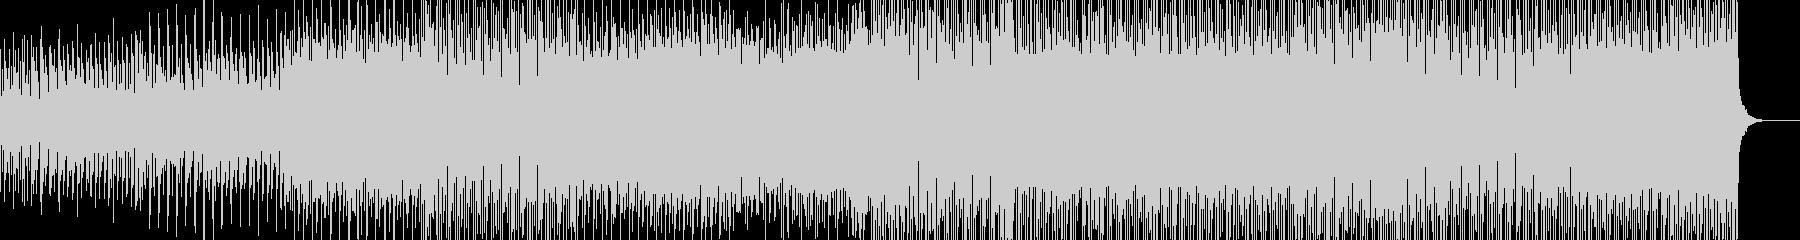 平調子の幻想的なアンビエントハウスの未再生の波形